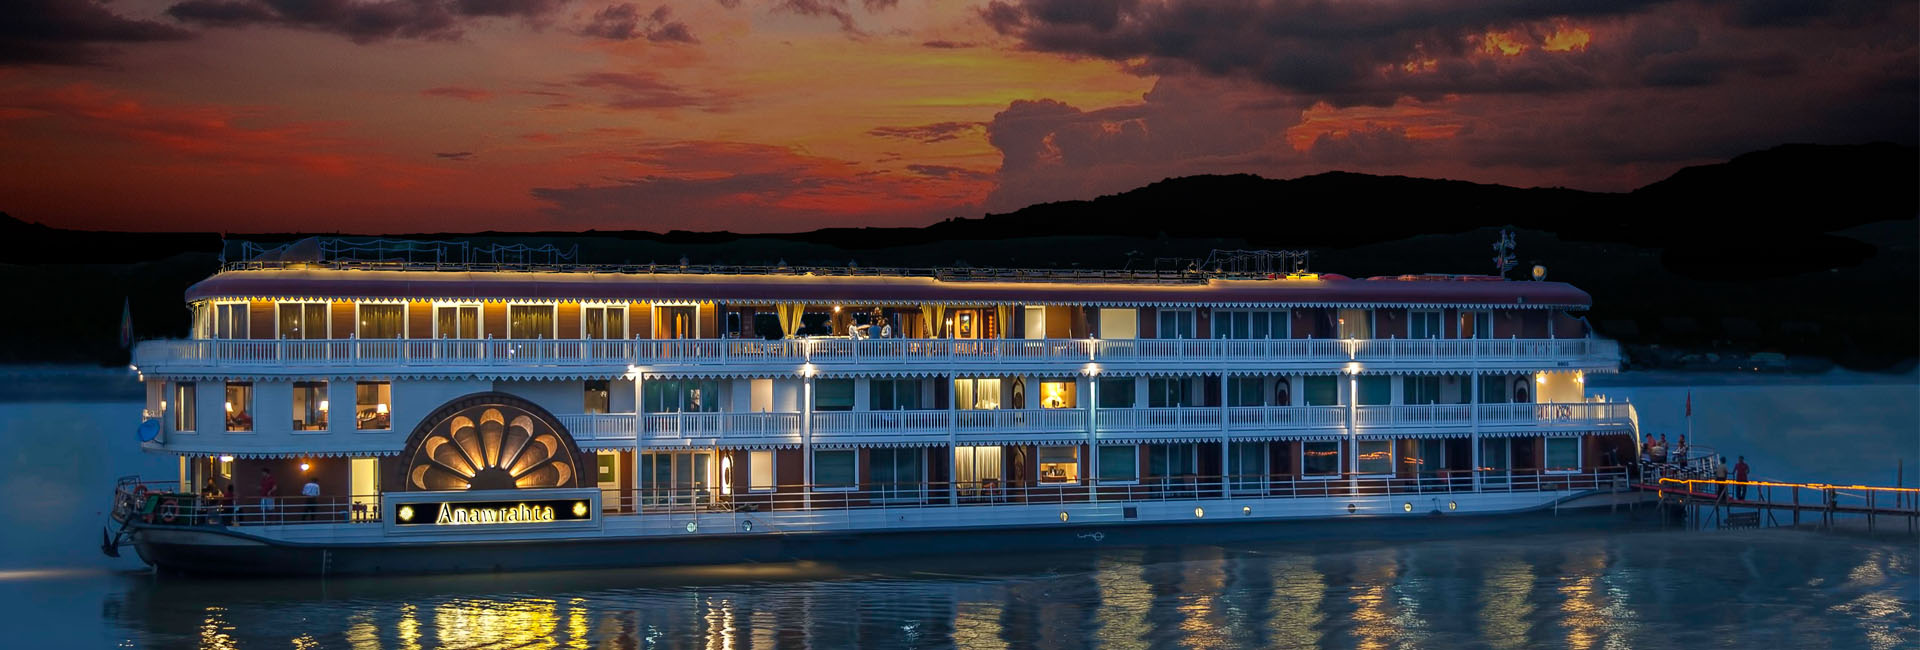 Heritage Line - Anawrahta Cruise